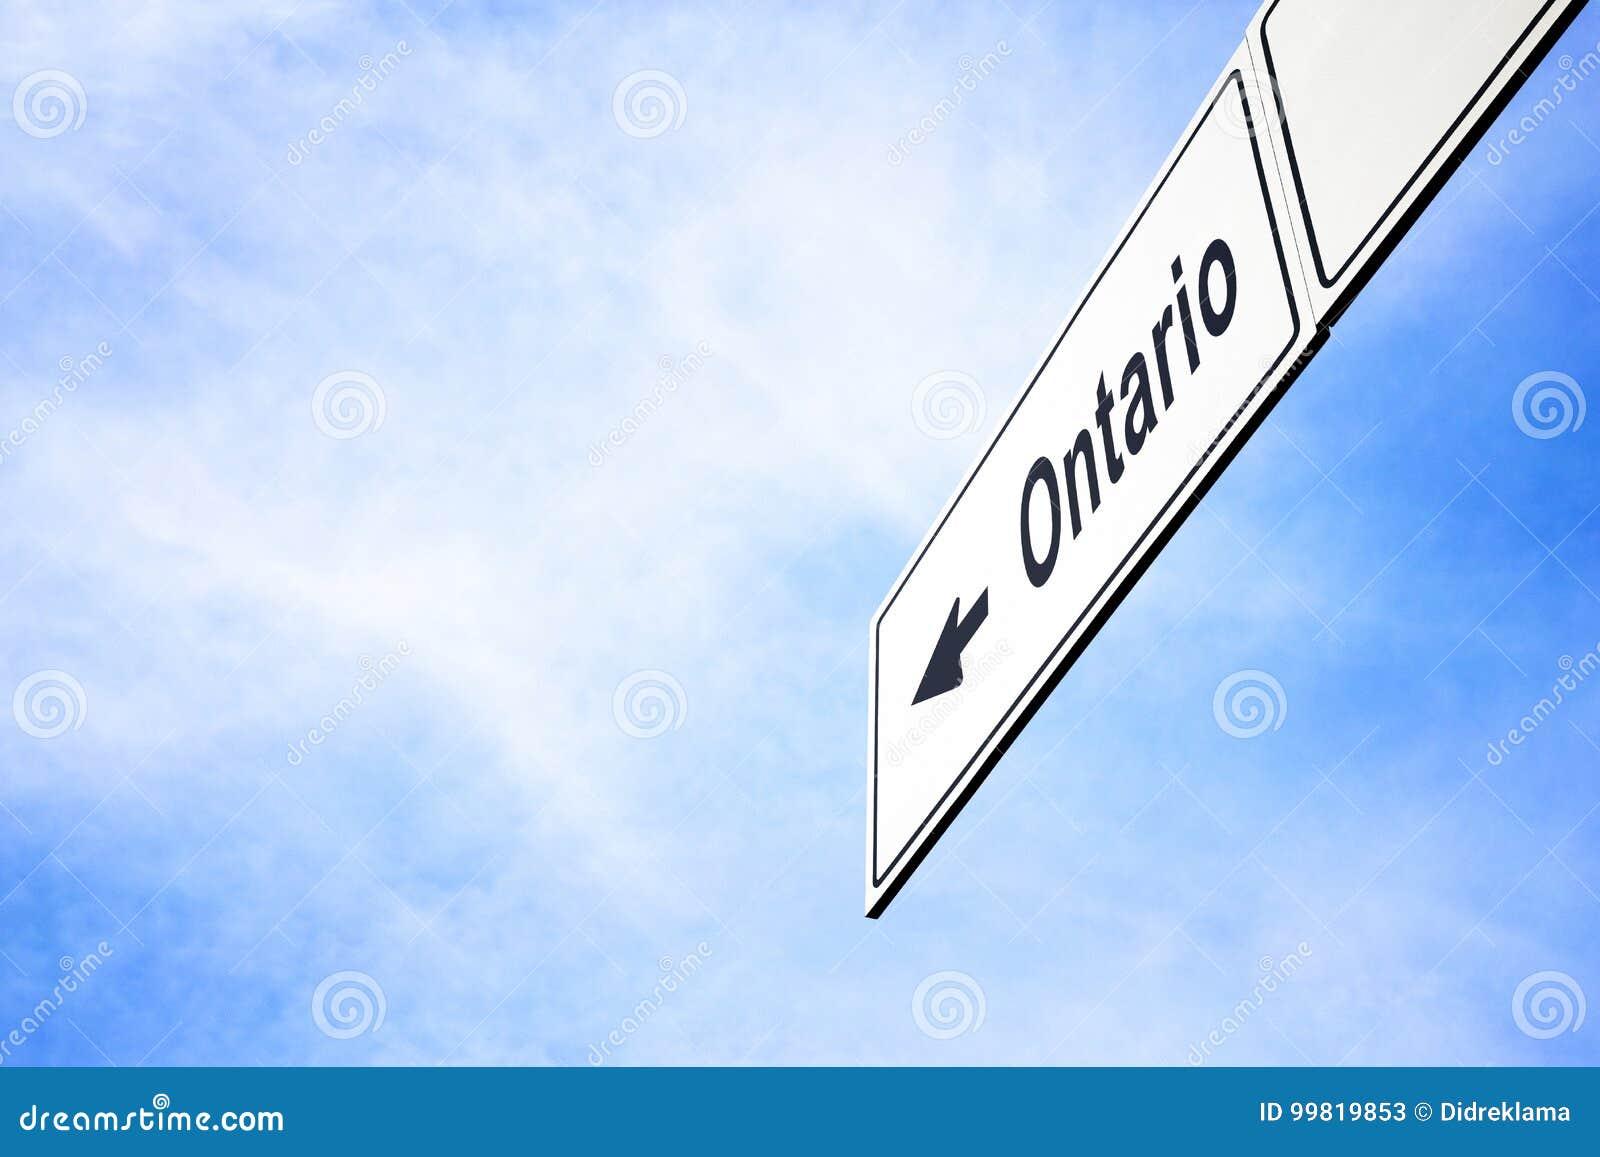 Uithangbord die naar Ontario richten